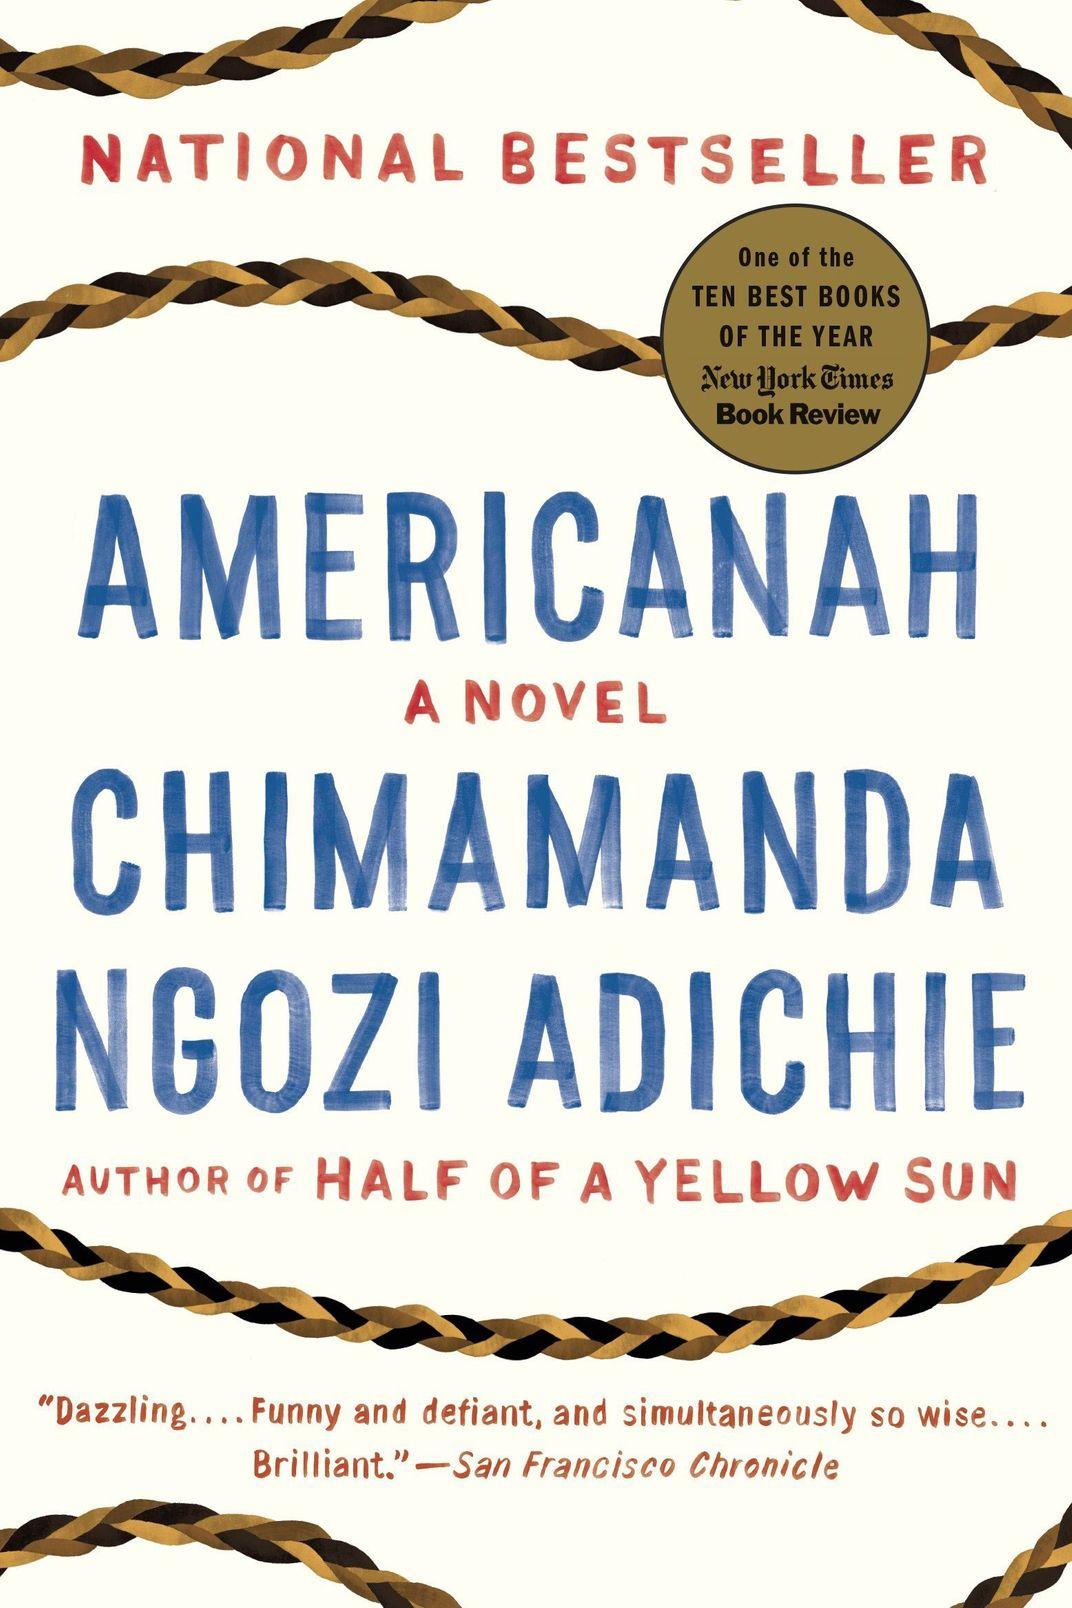 Americanah, by Chimamanda Ngozi Adichie